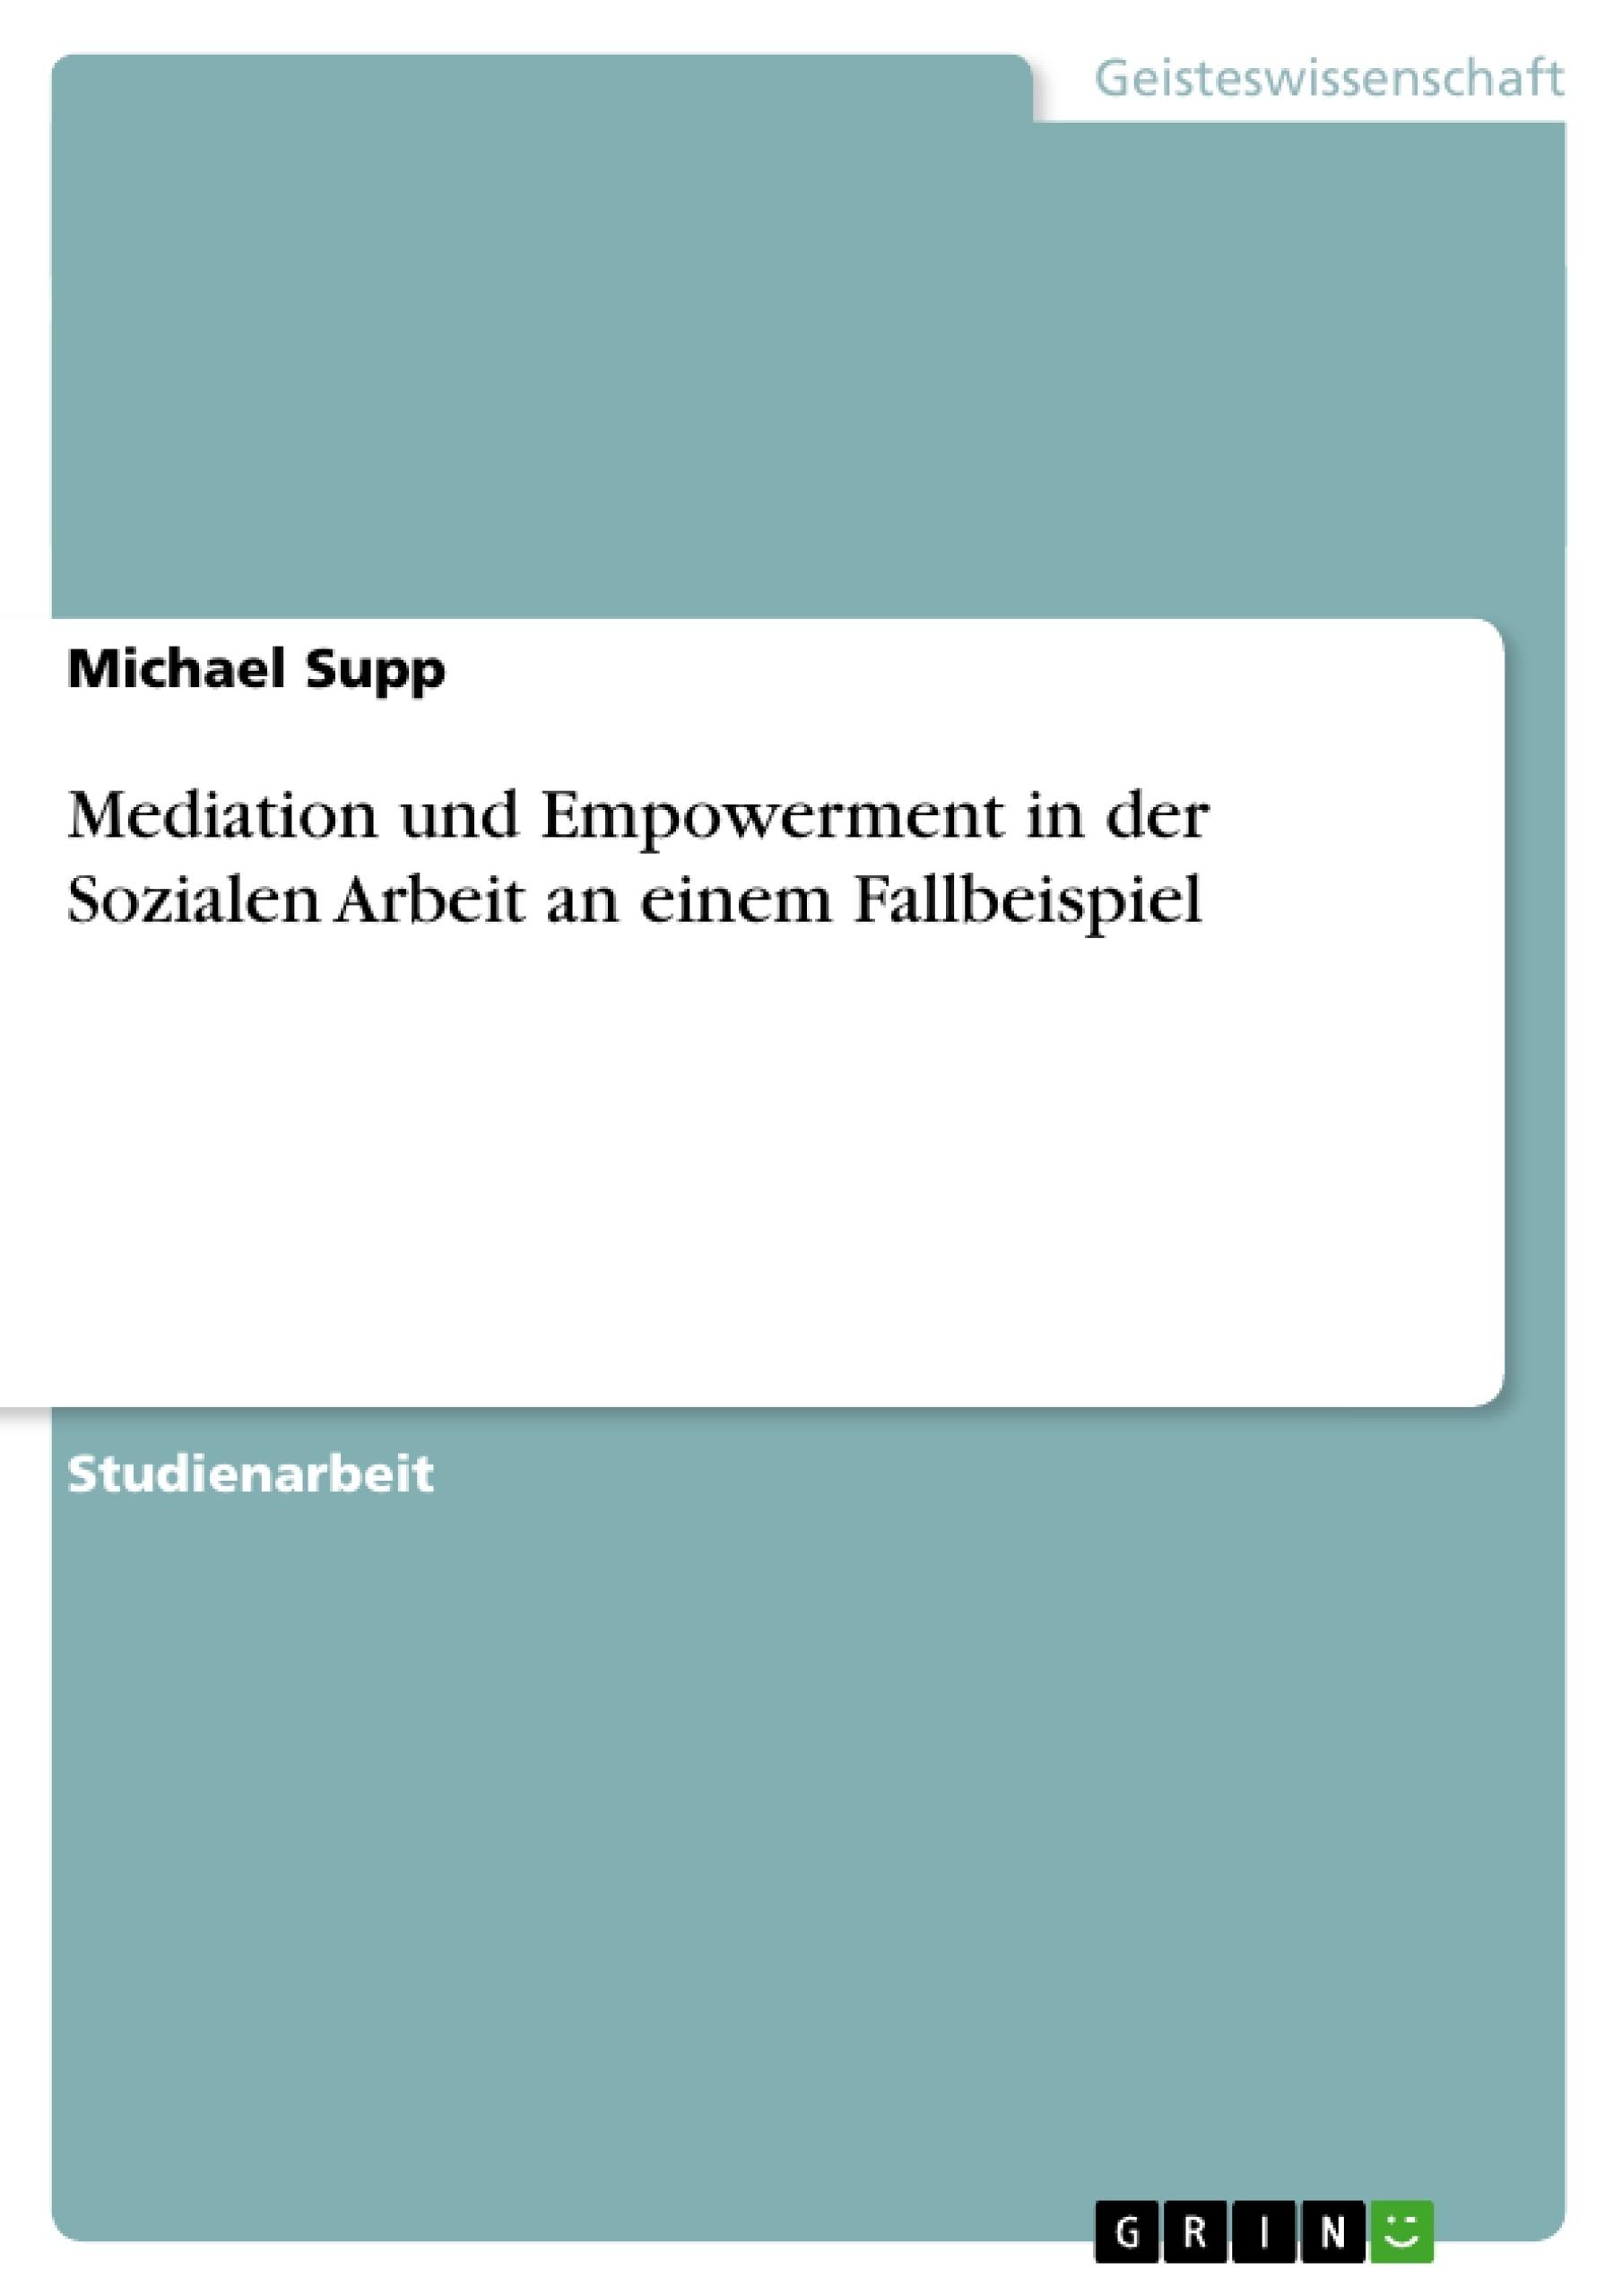 Titel: Mediation und Empowerment in der Sozialen Arbeit an einem Fallbeispiel